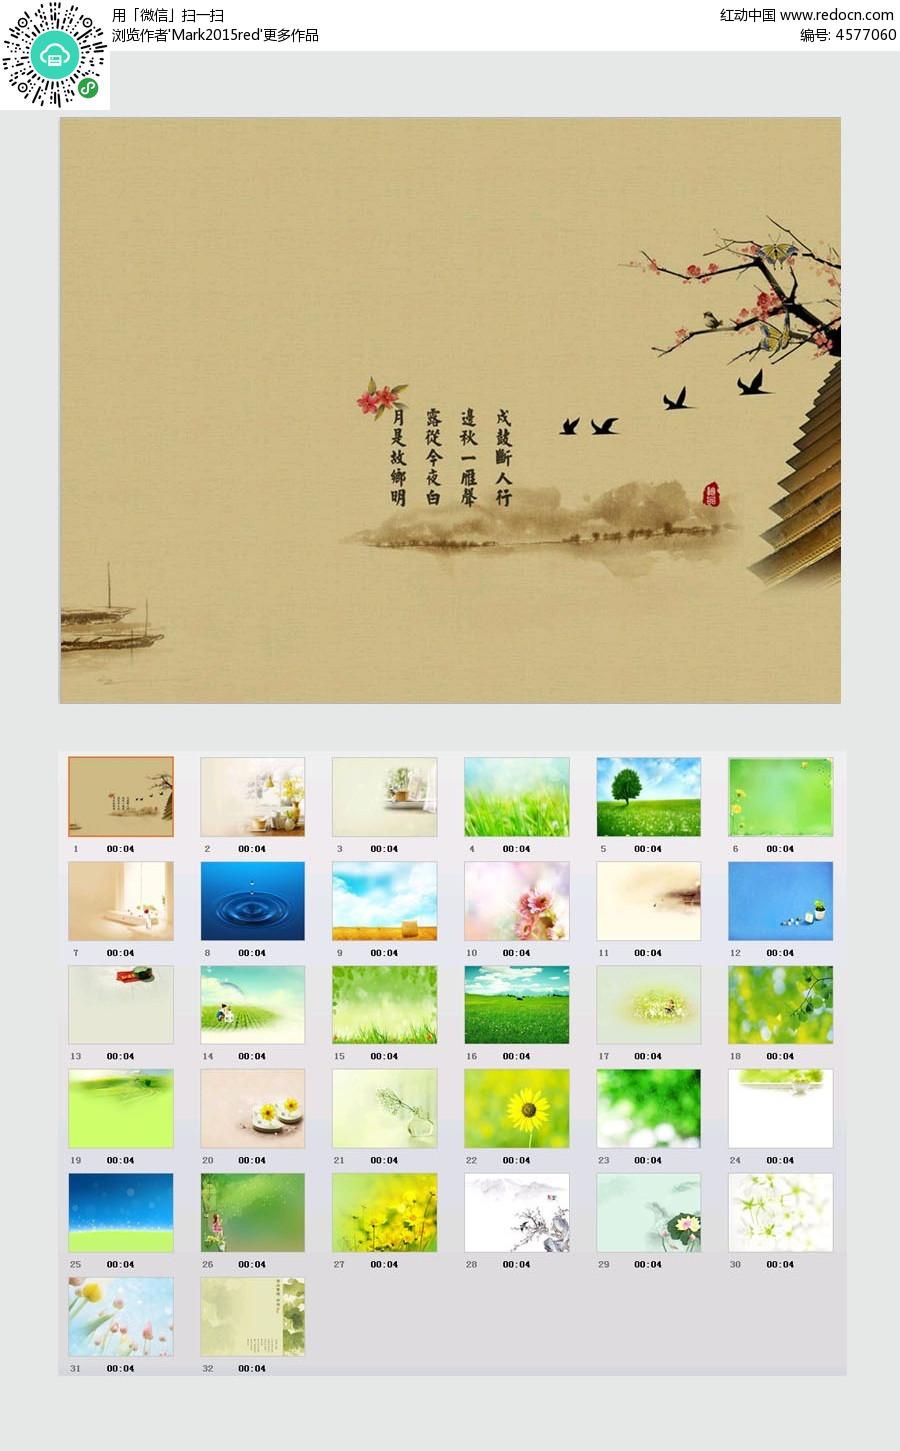 飞鸟古风ppt模板免费下载图片